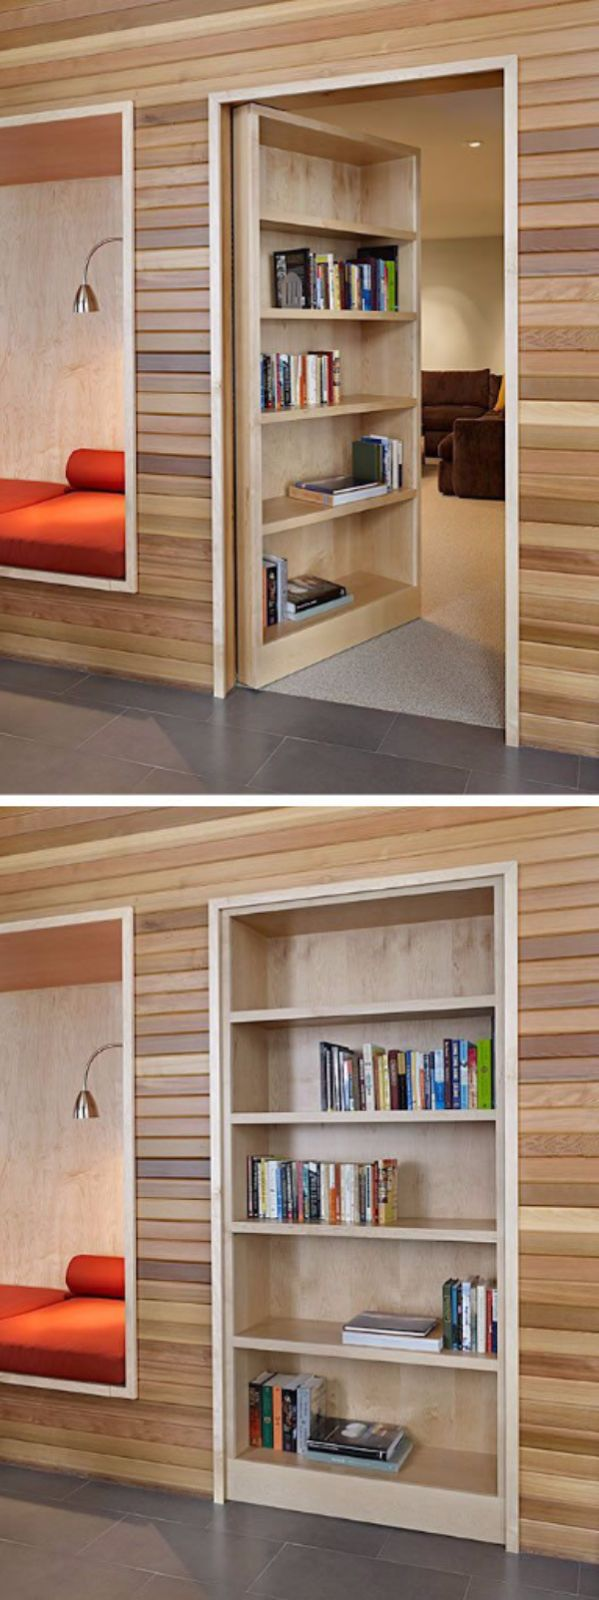 1000 ideen zu geheimverstecke auf pinterest versteckte f cher hausschl ssel und versteckte. Black Bedroom Furniture Sets. Home Design Ideas